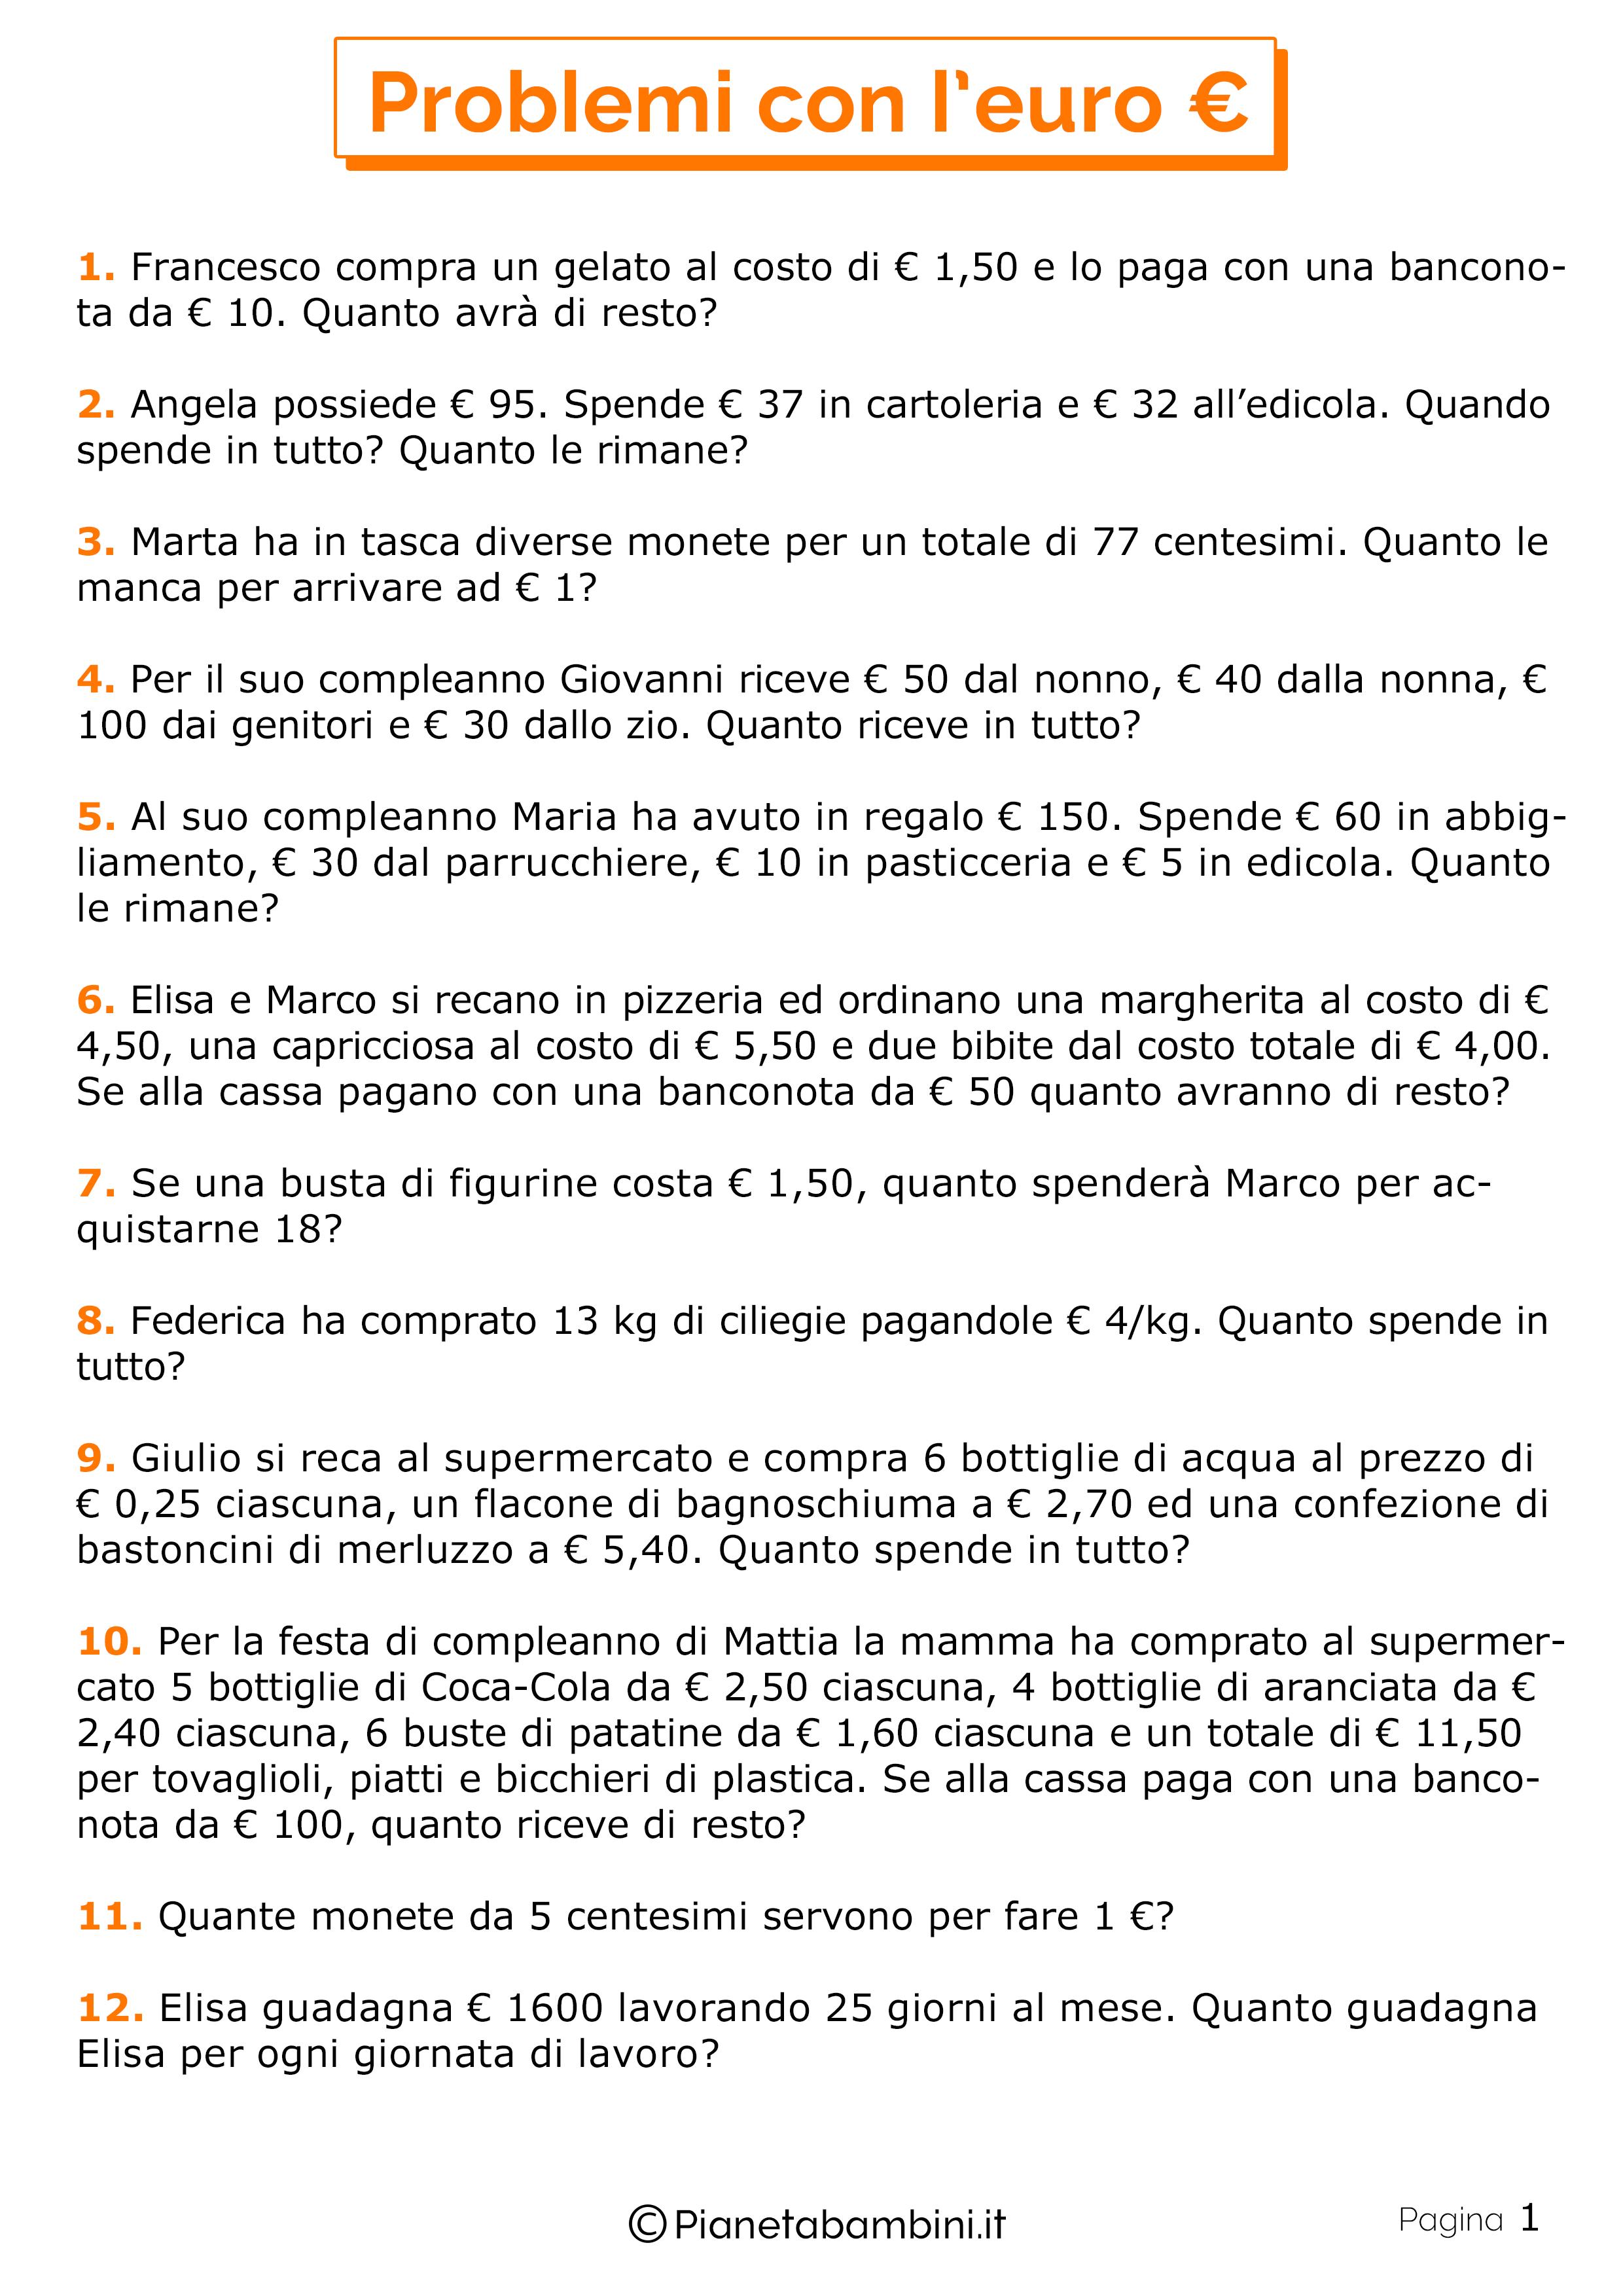 20 Problemi Con L Euro Per La Scuola Primaria Pianetabambini It